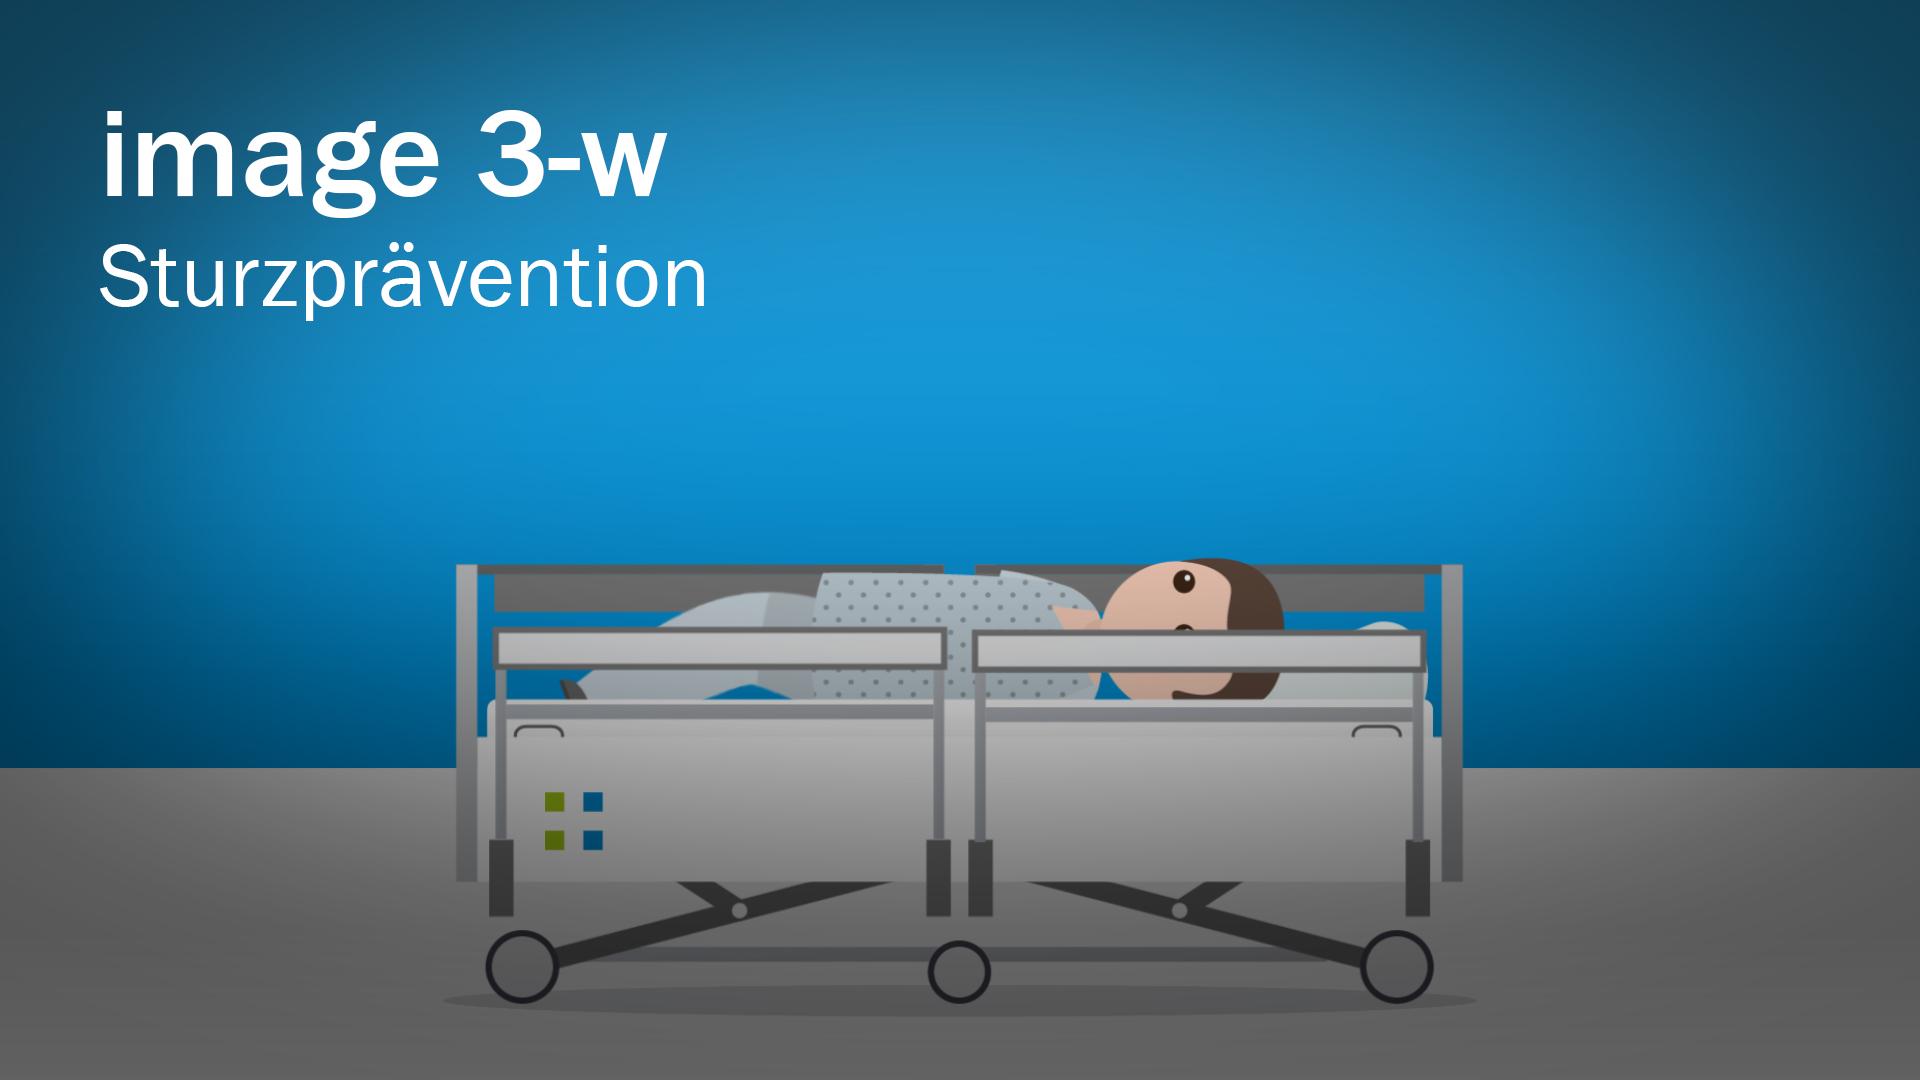 Sturzprävention - Eine der wichtigsten Aufgaben in der Pflege